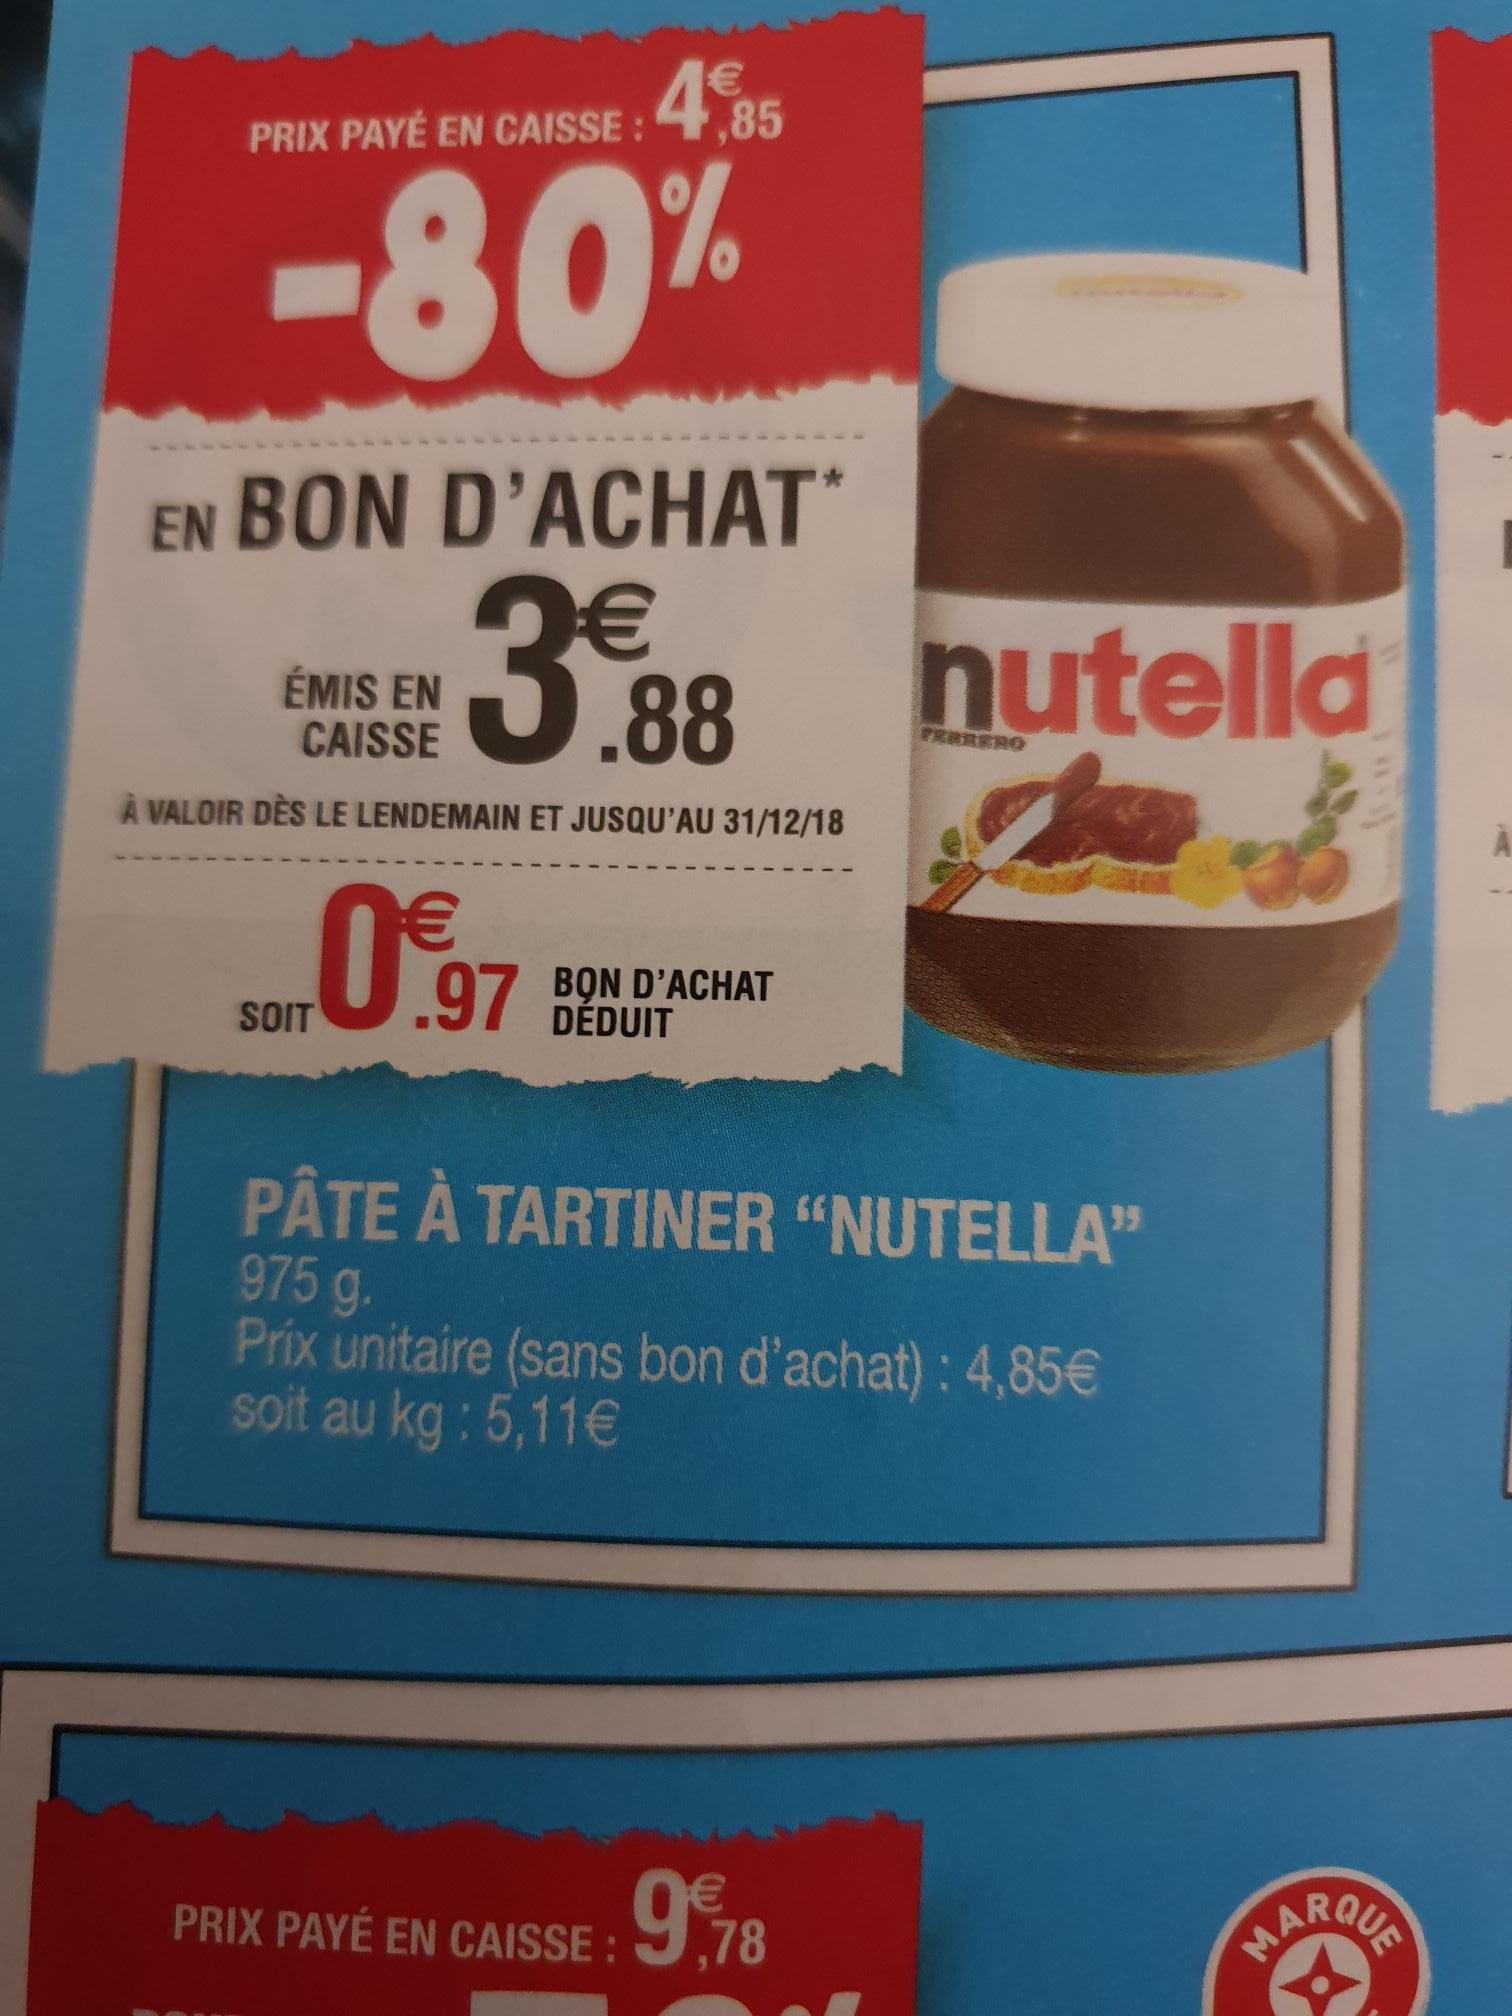 Pot de pâte à tartiner Nutella - 975 g (via 3.88€ en bon d'achat) - Dommartin-lès-Toul (54)